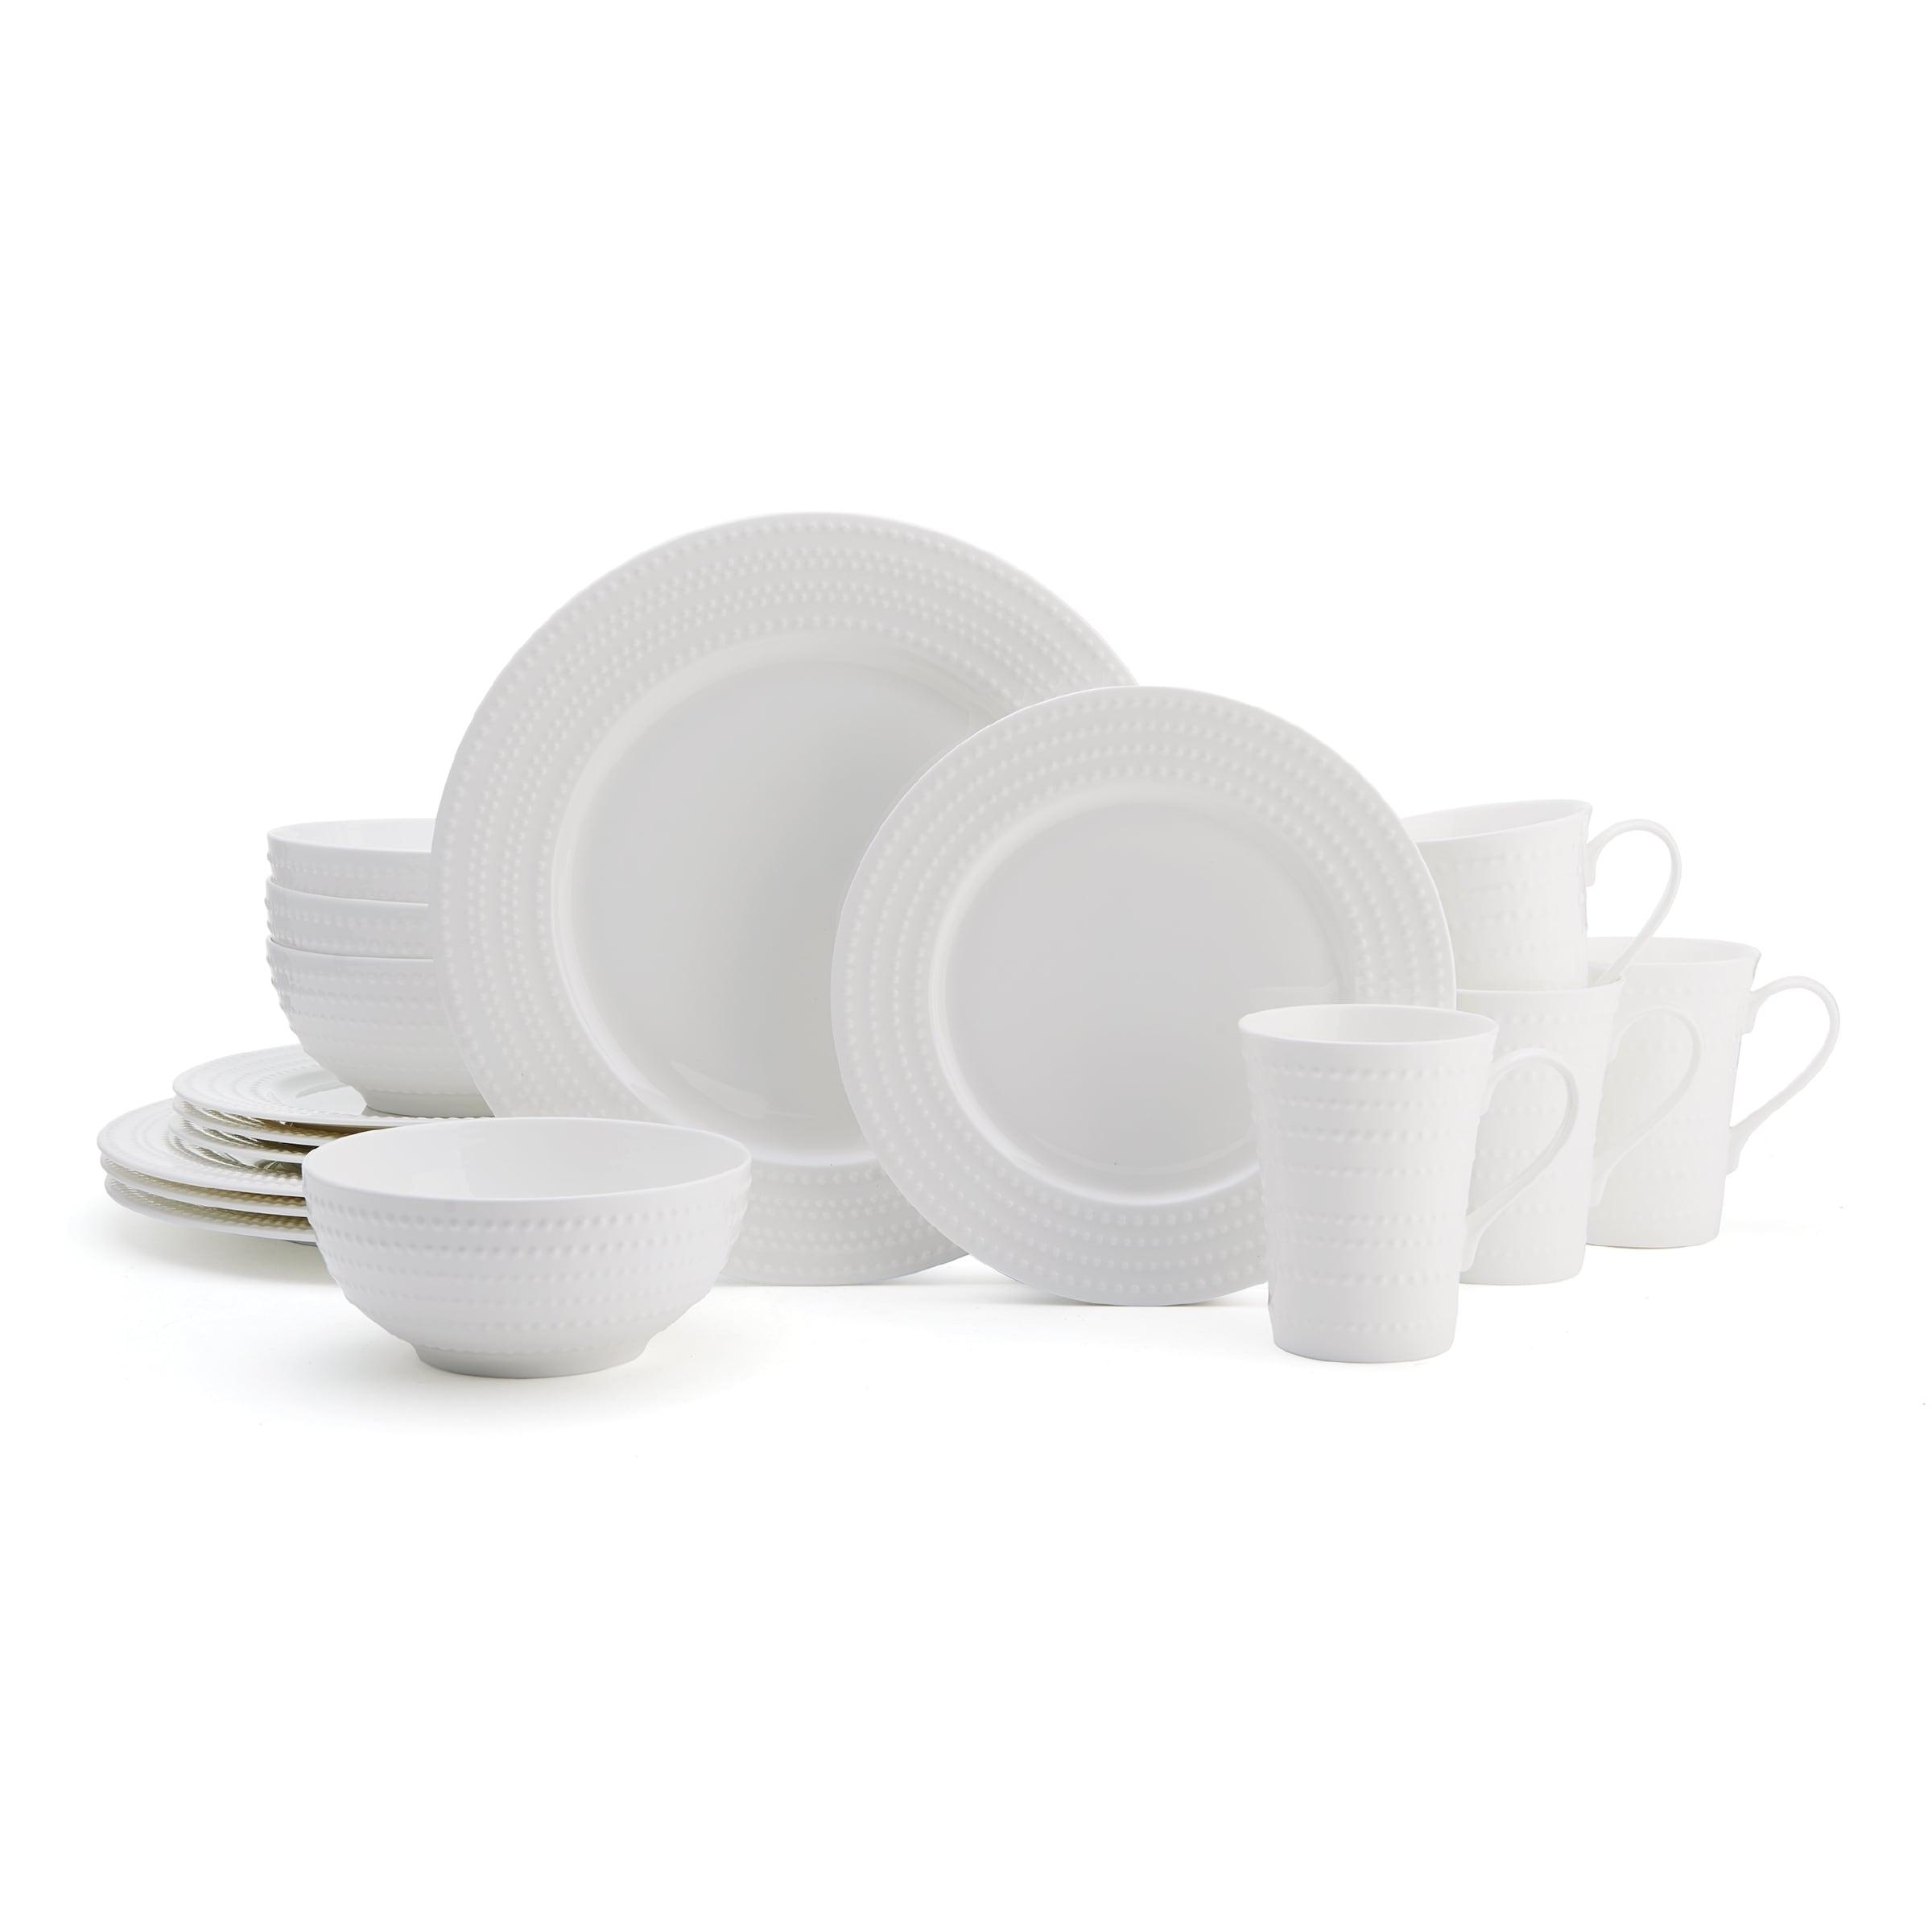 Mikasa Nellie White Bone China 16 Piece Dinnerware Set Overstock 12838959